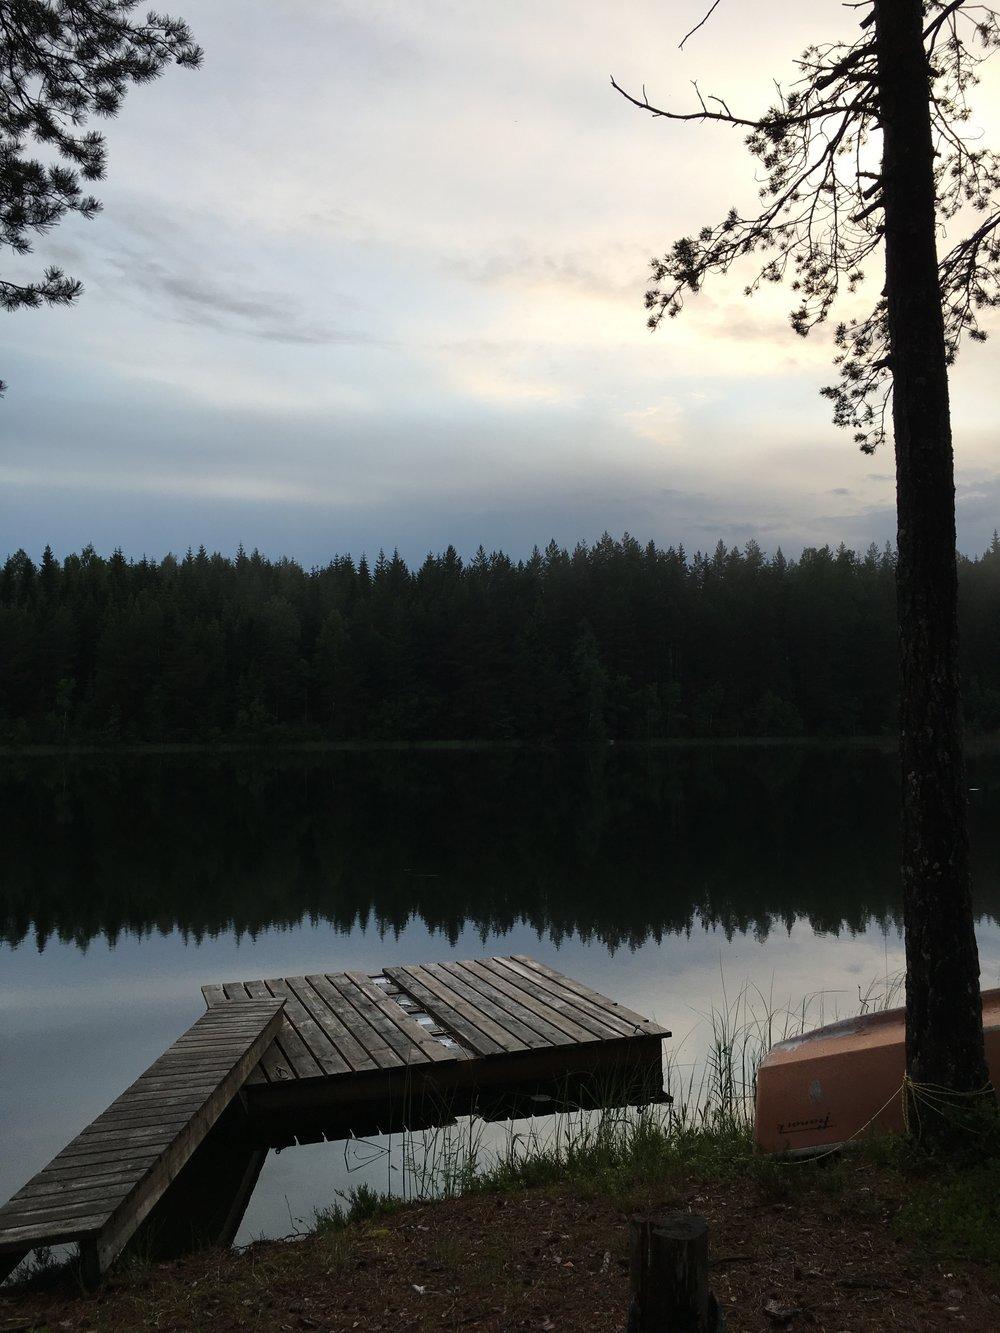 The farm's private lake